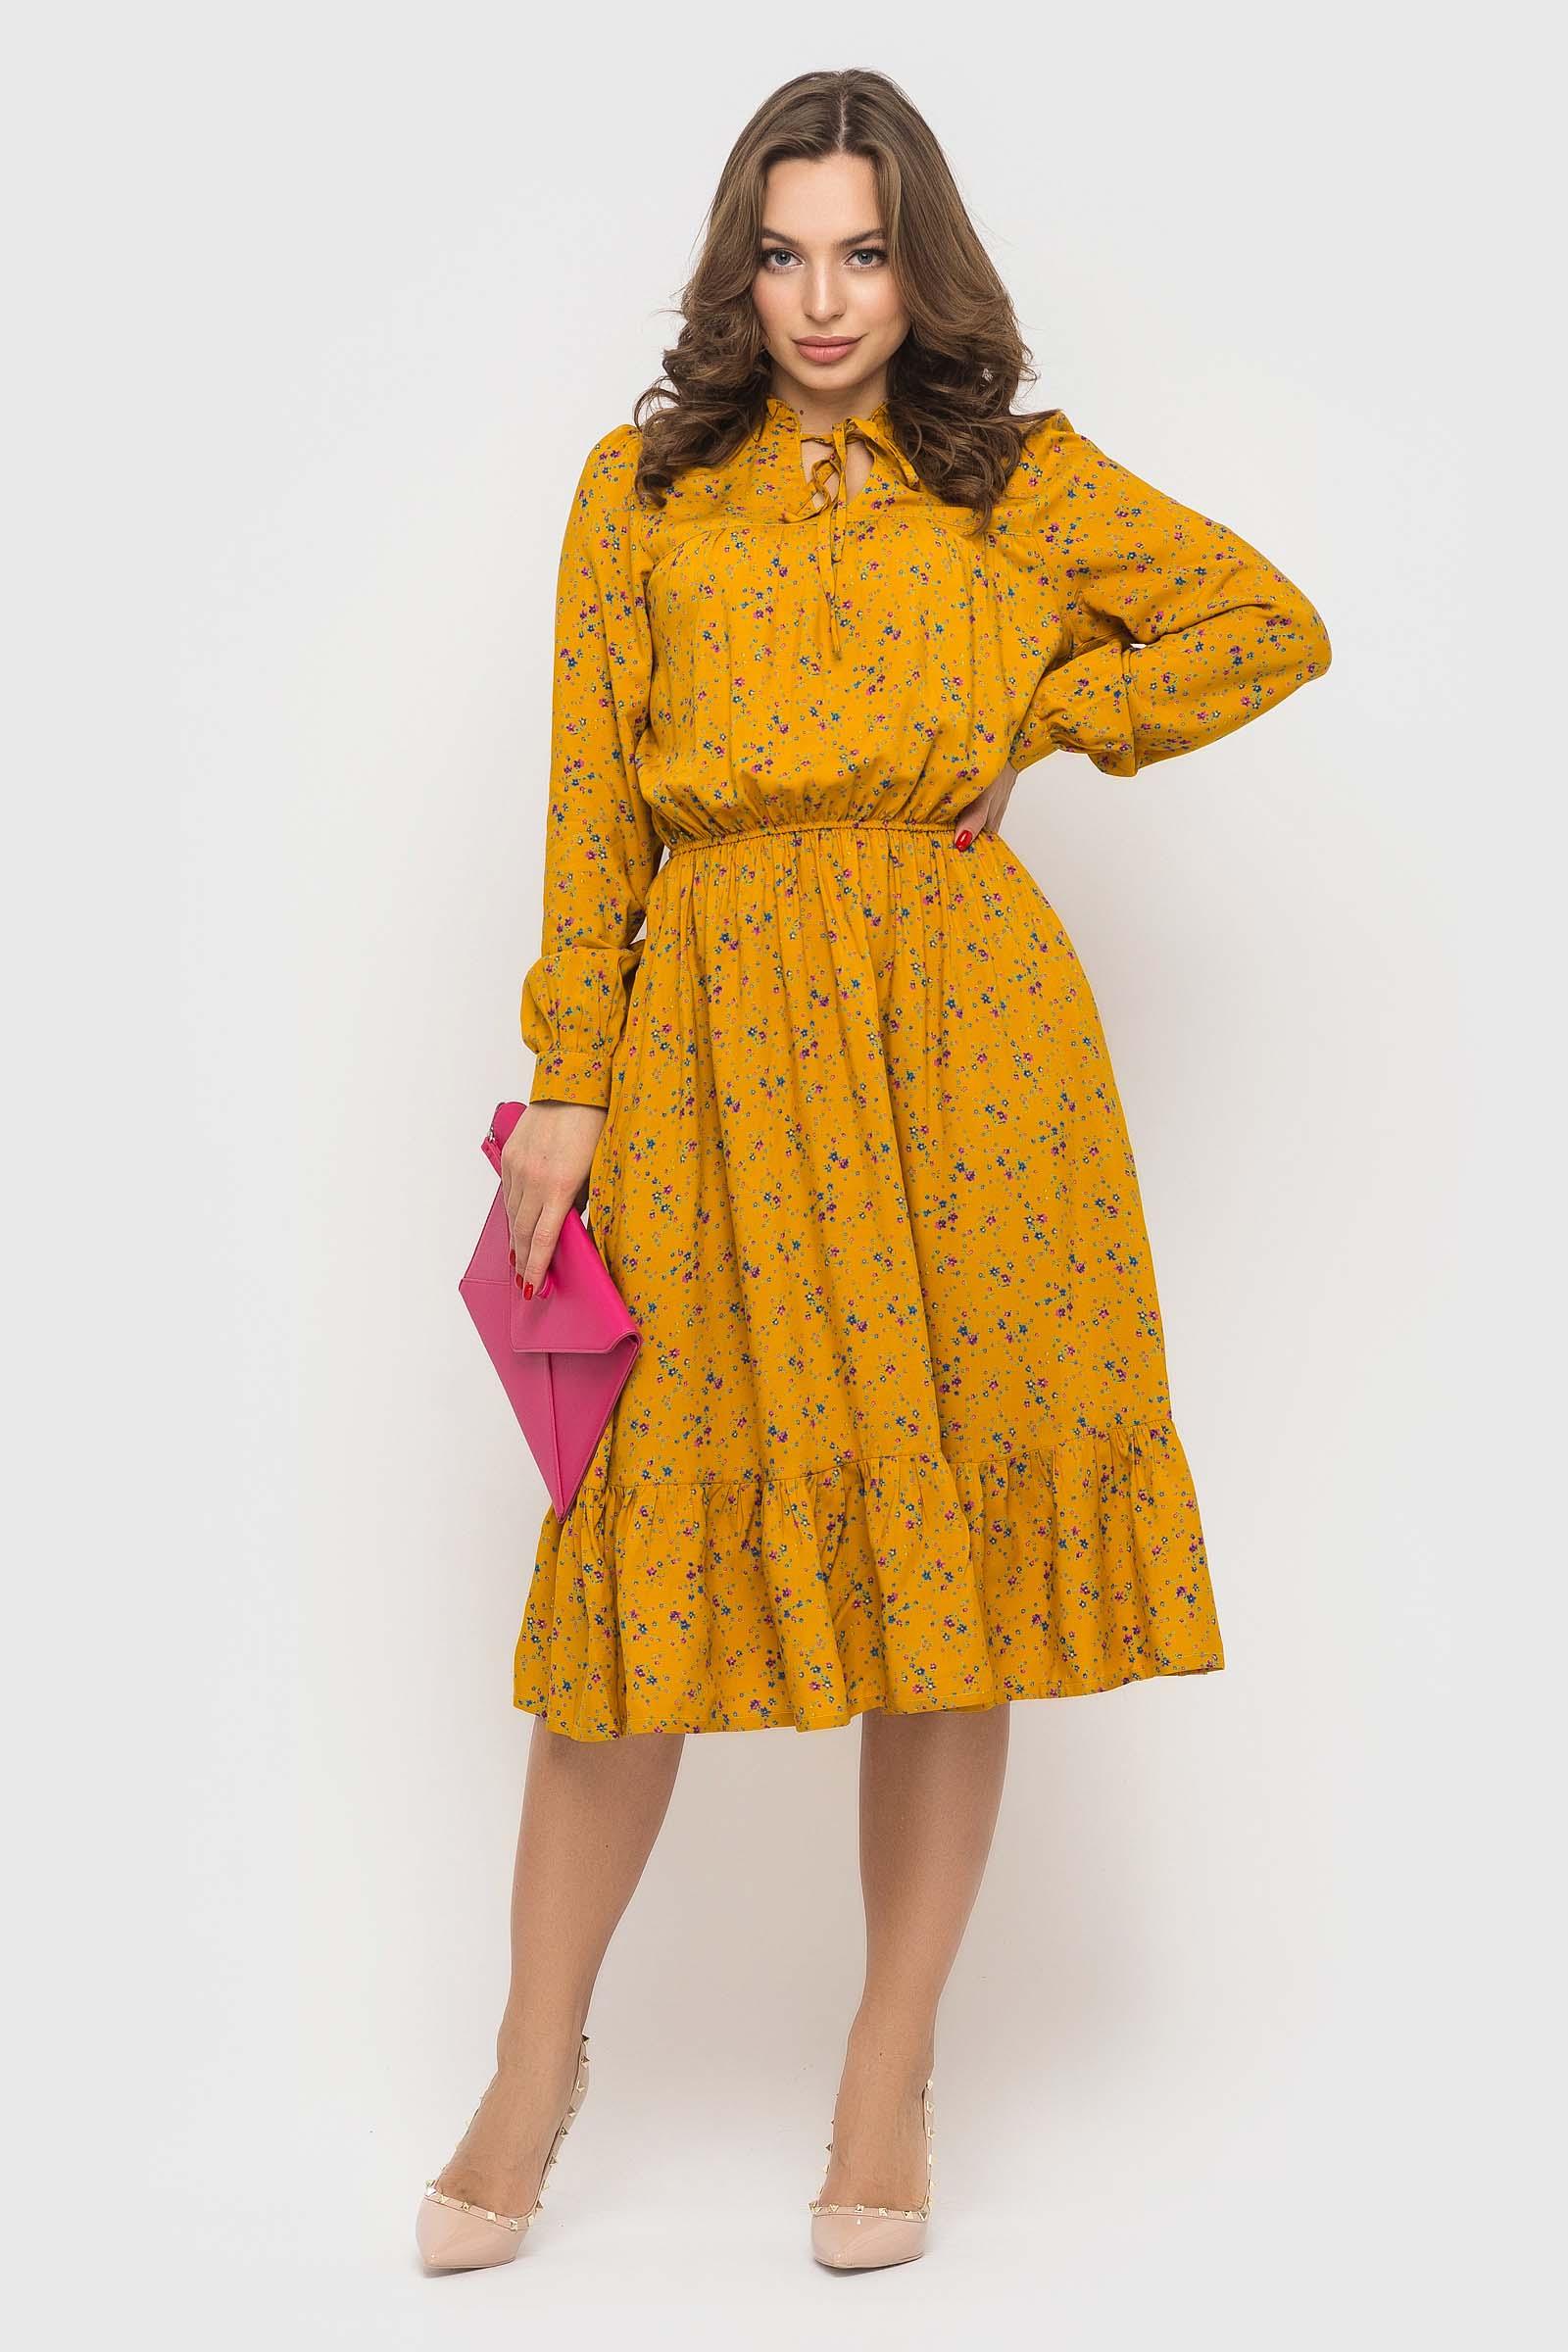 be art 2020 04 07182462 Купить платье